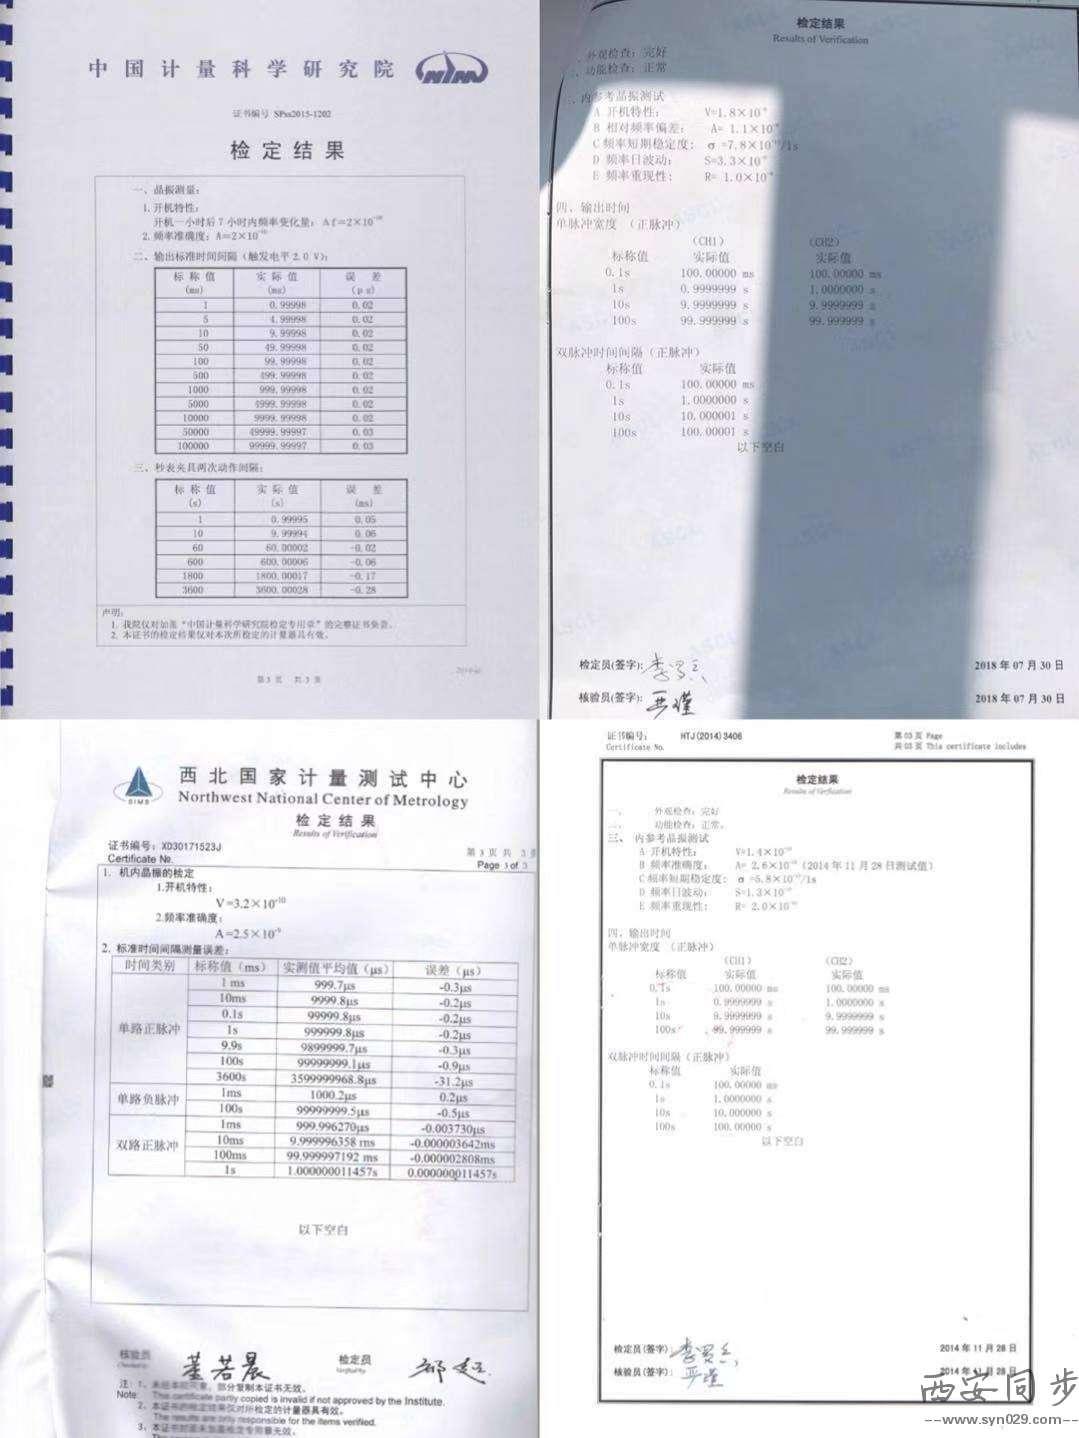 时间检定仪频率准确度检定-4.jpg